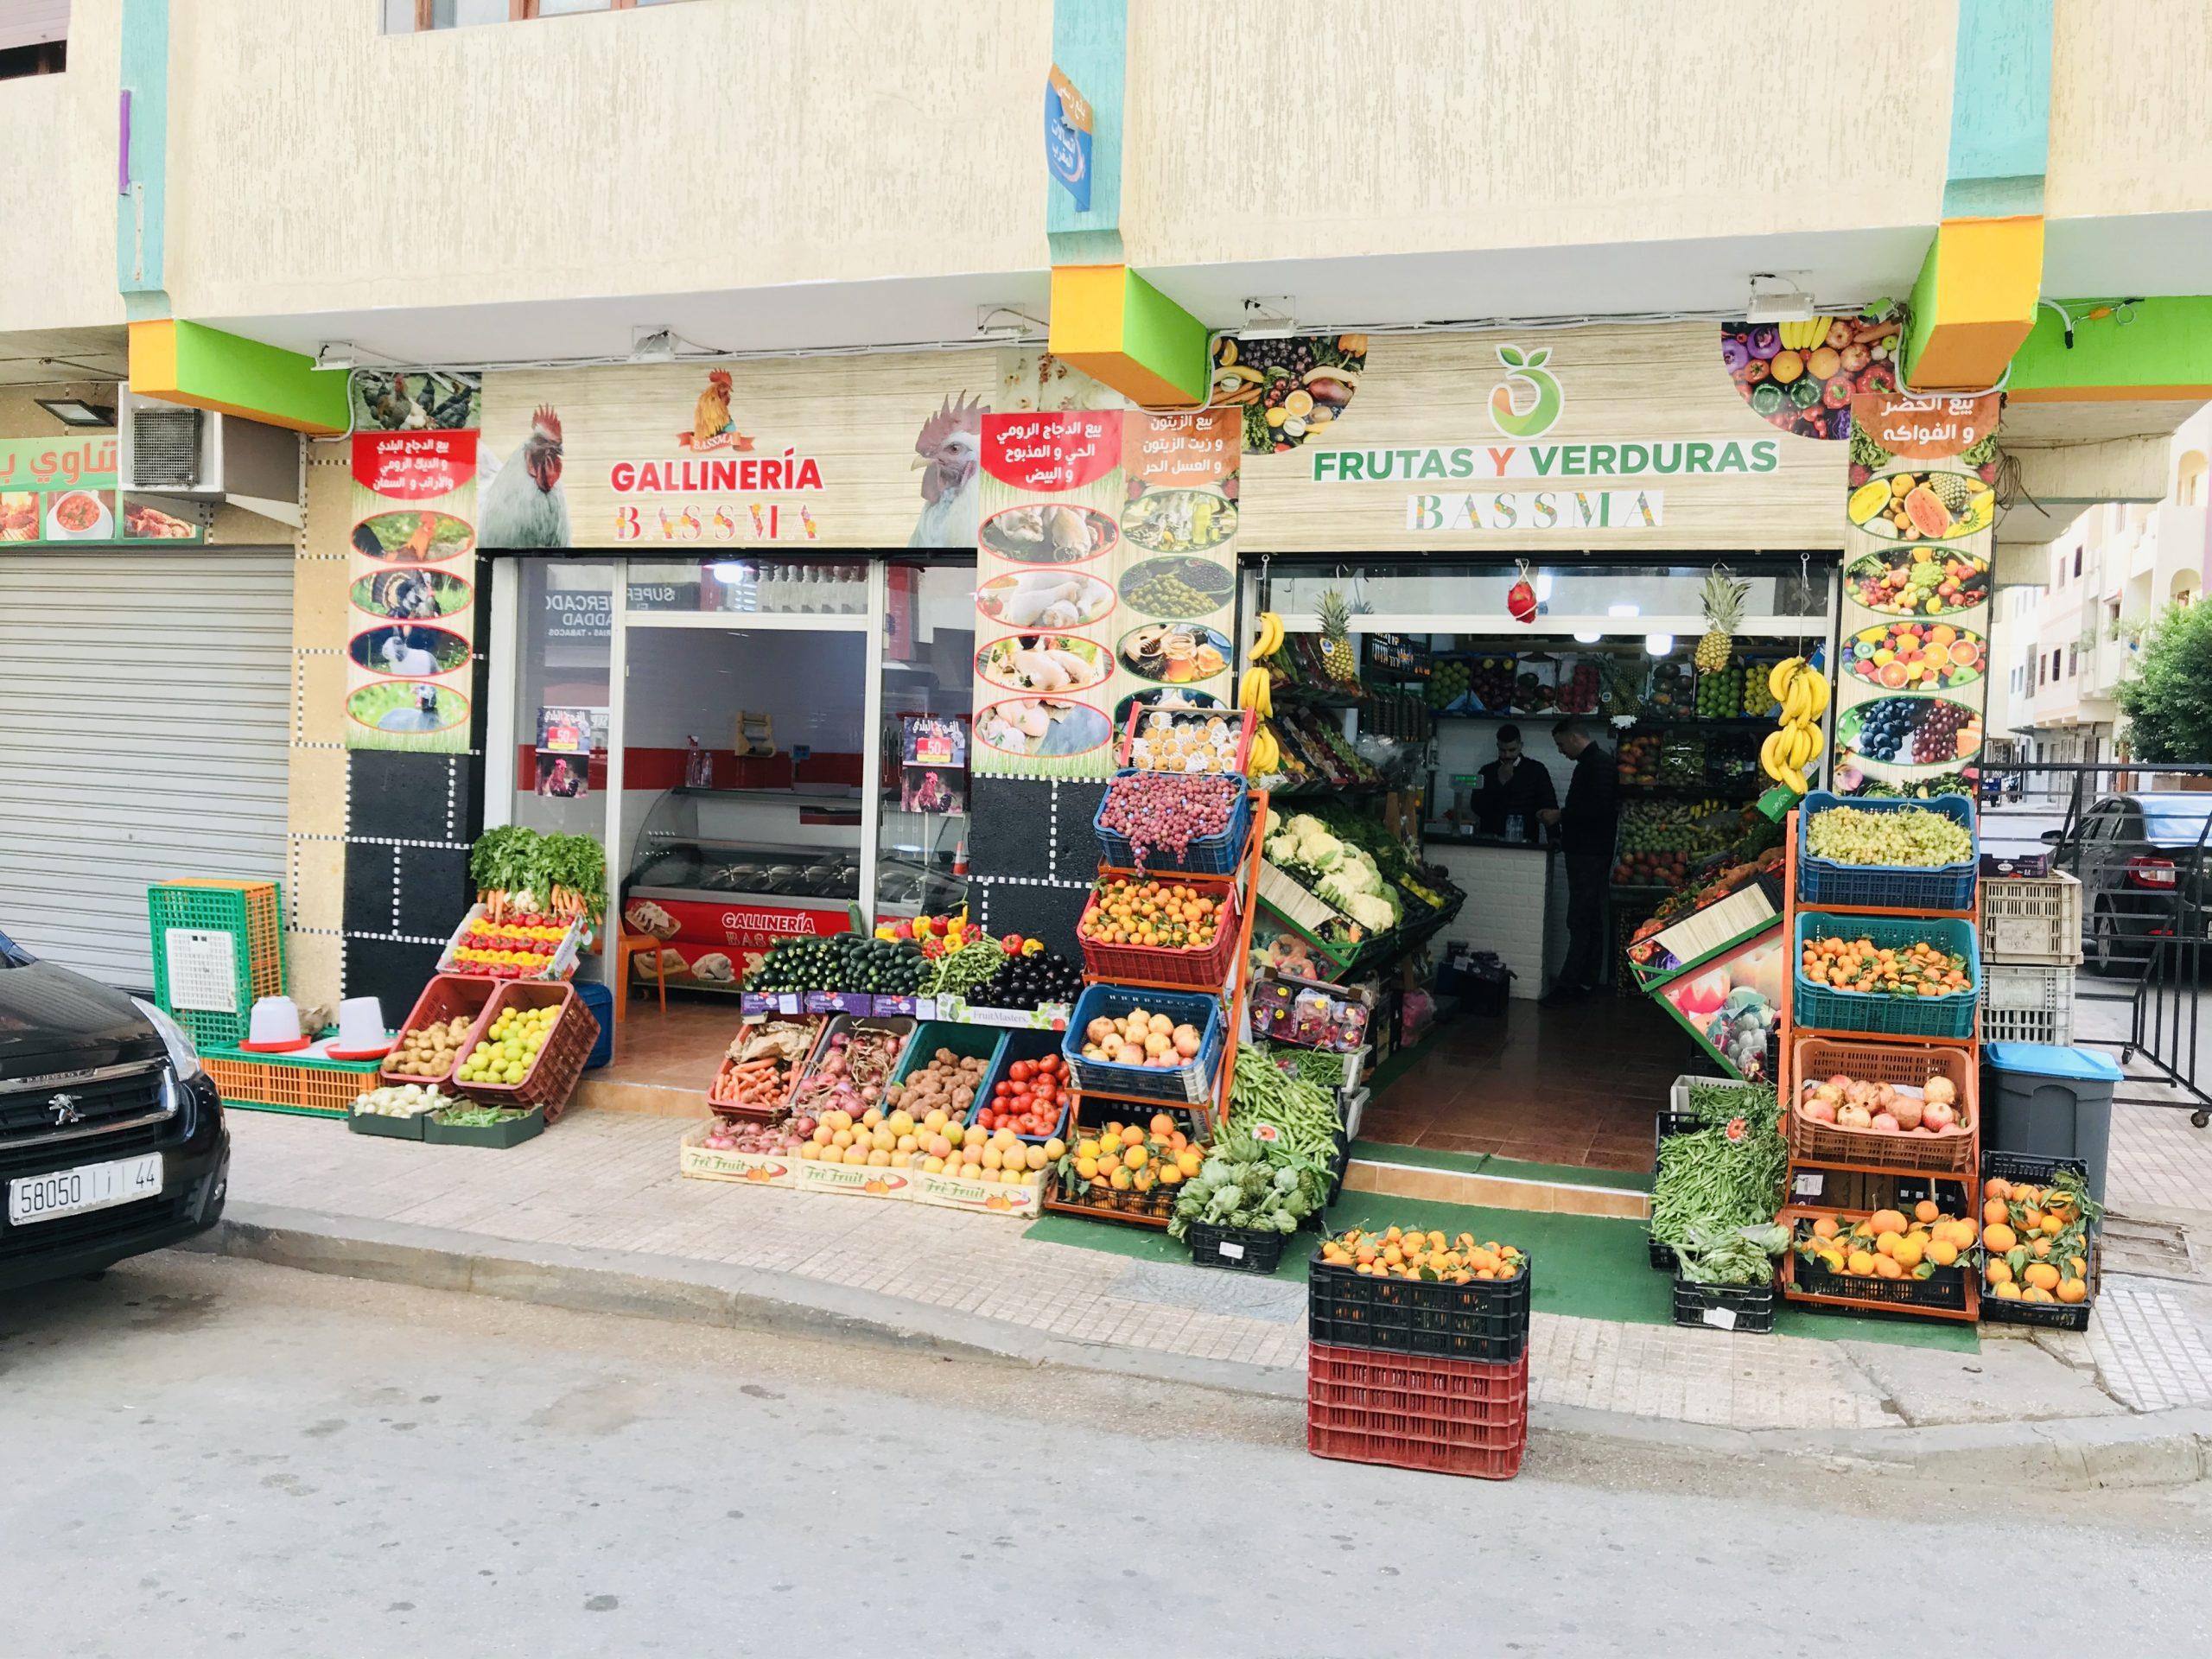 بالصور .. محلات بسمة بتطوان تخصص تخفيضات خيالية في الخضر والفواكه والدواجن